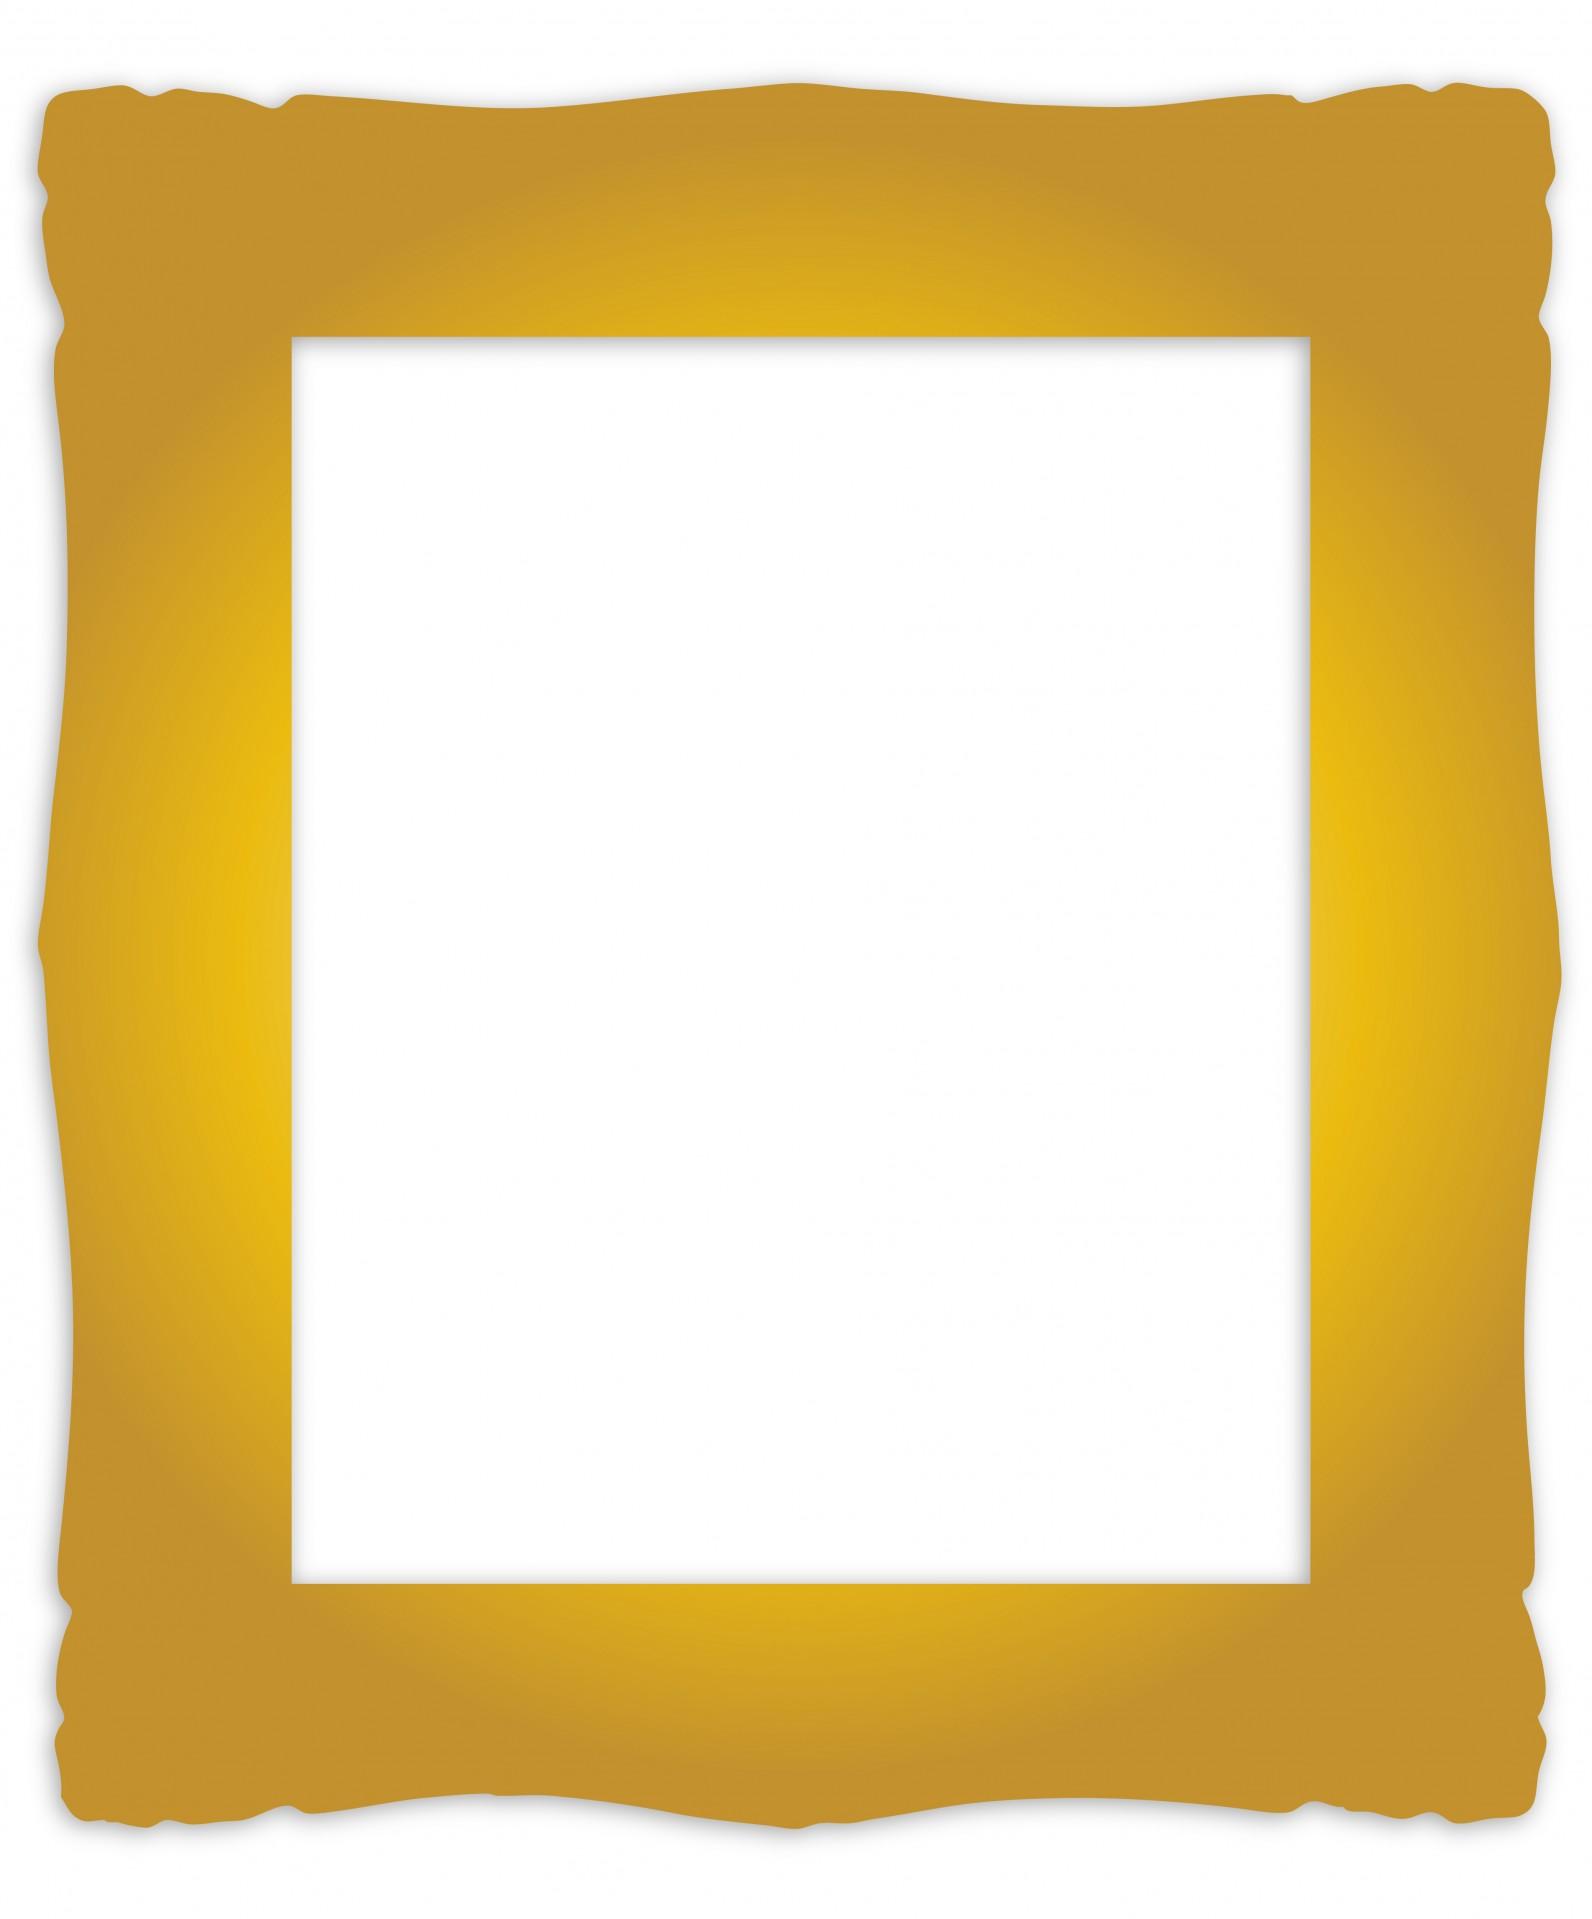 Gold Frame Vintage Clipart - Gold Frame Clipart